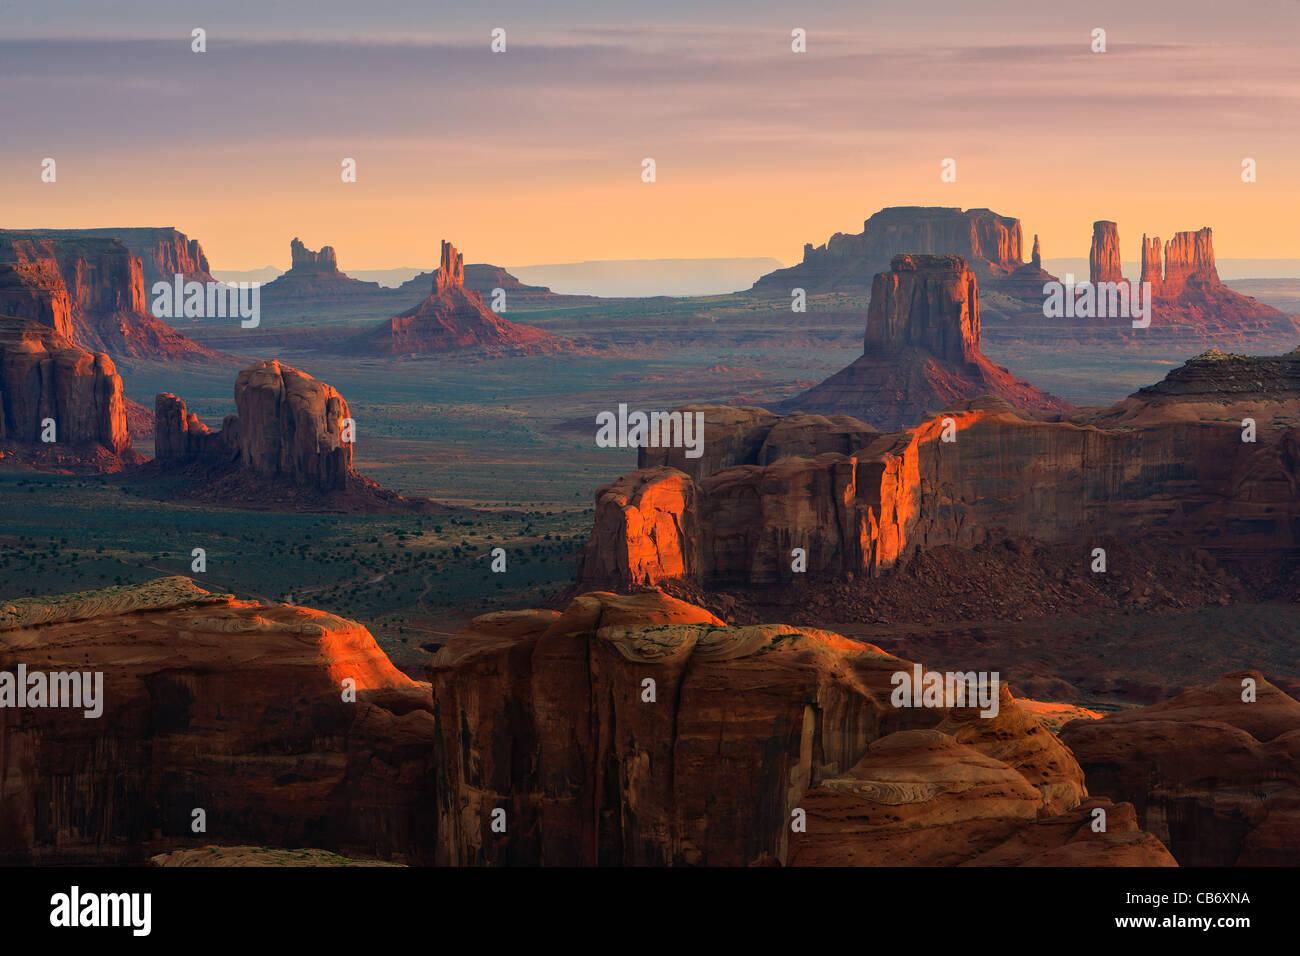 Amanecer con la vista de Hunts Mesa en Monument Valley, en la frontera de Utah y Arizona, EE.UU. Imagen De Stock